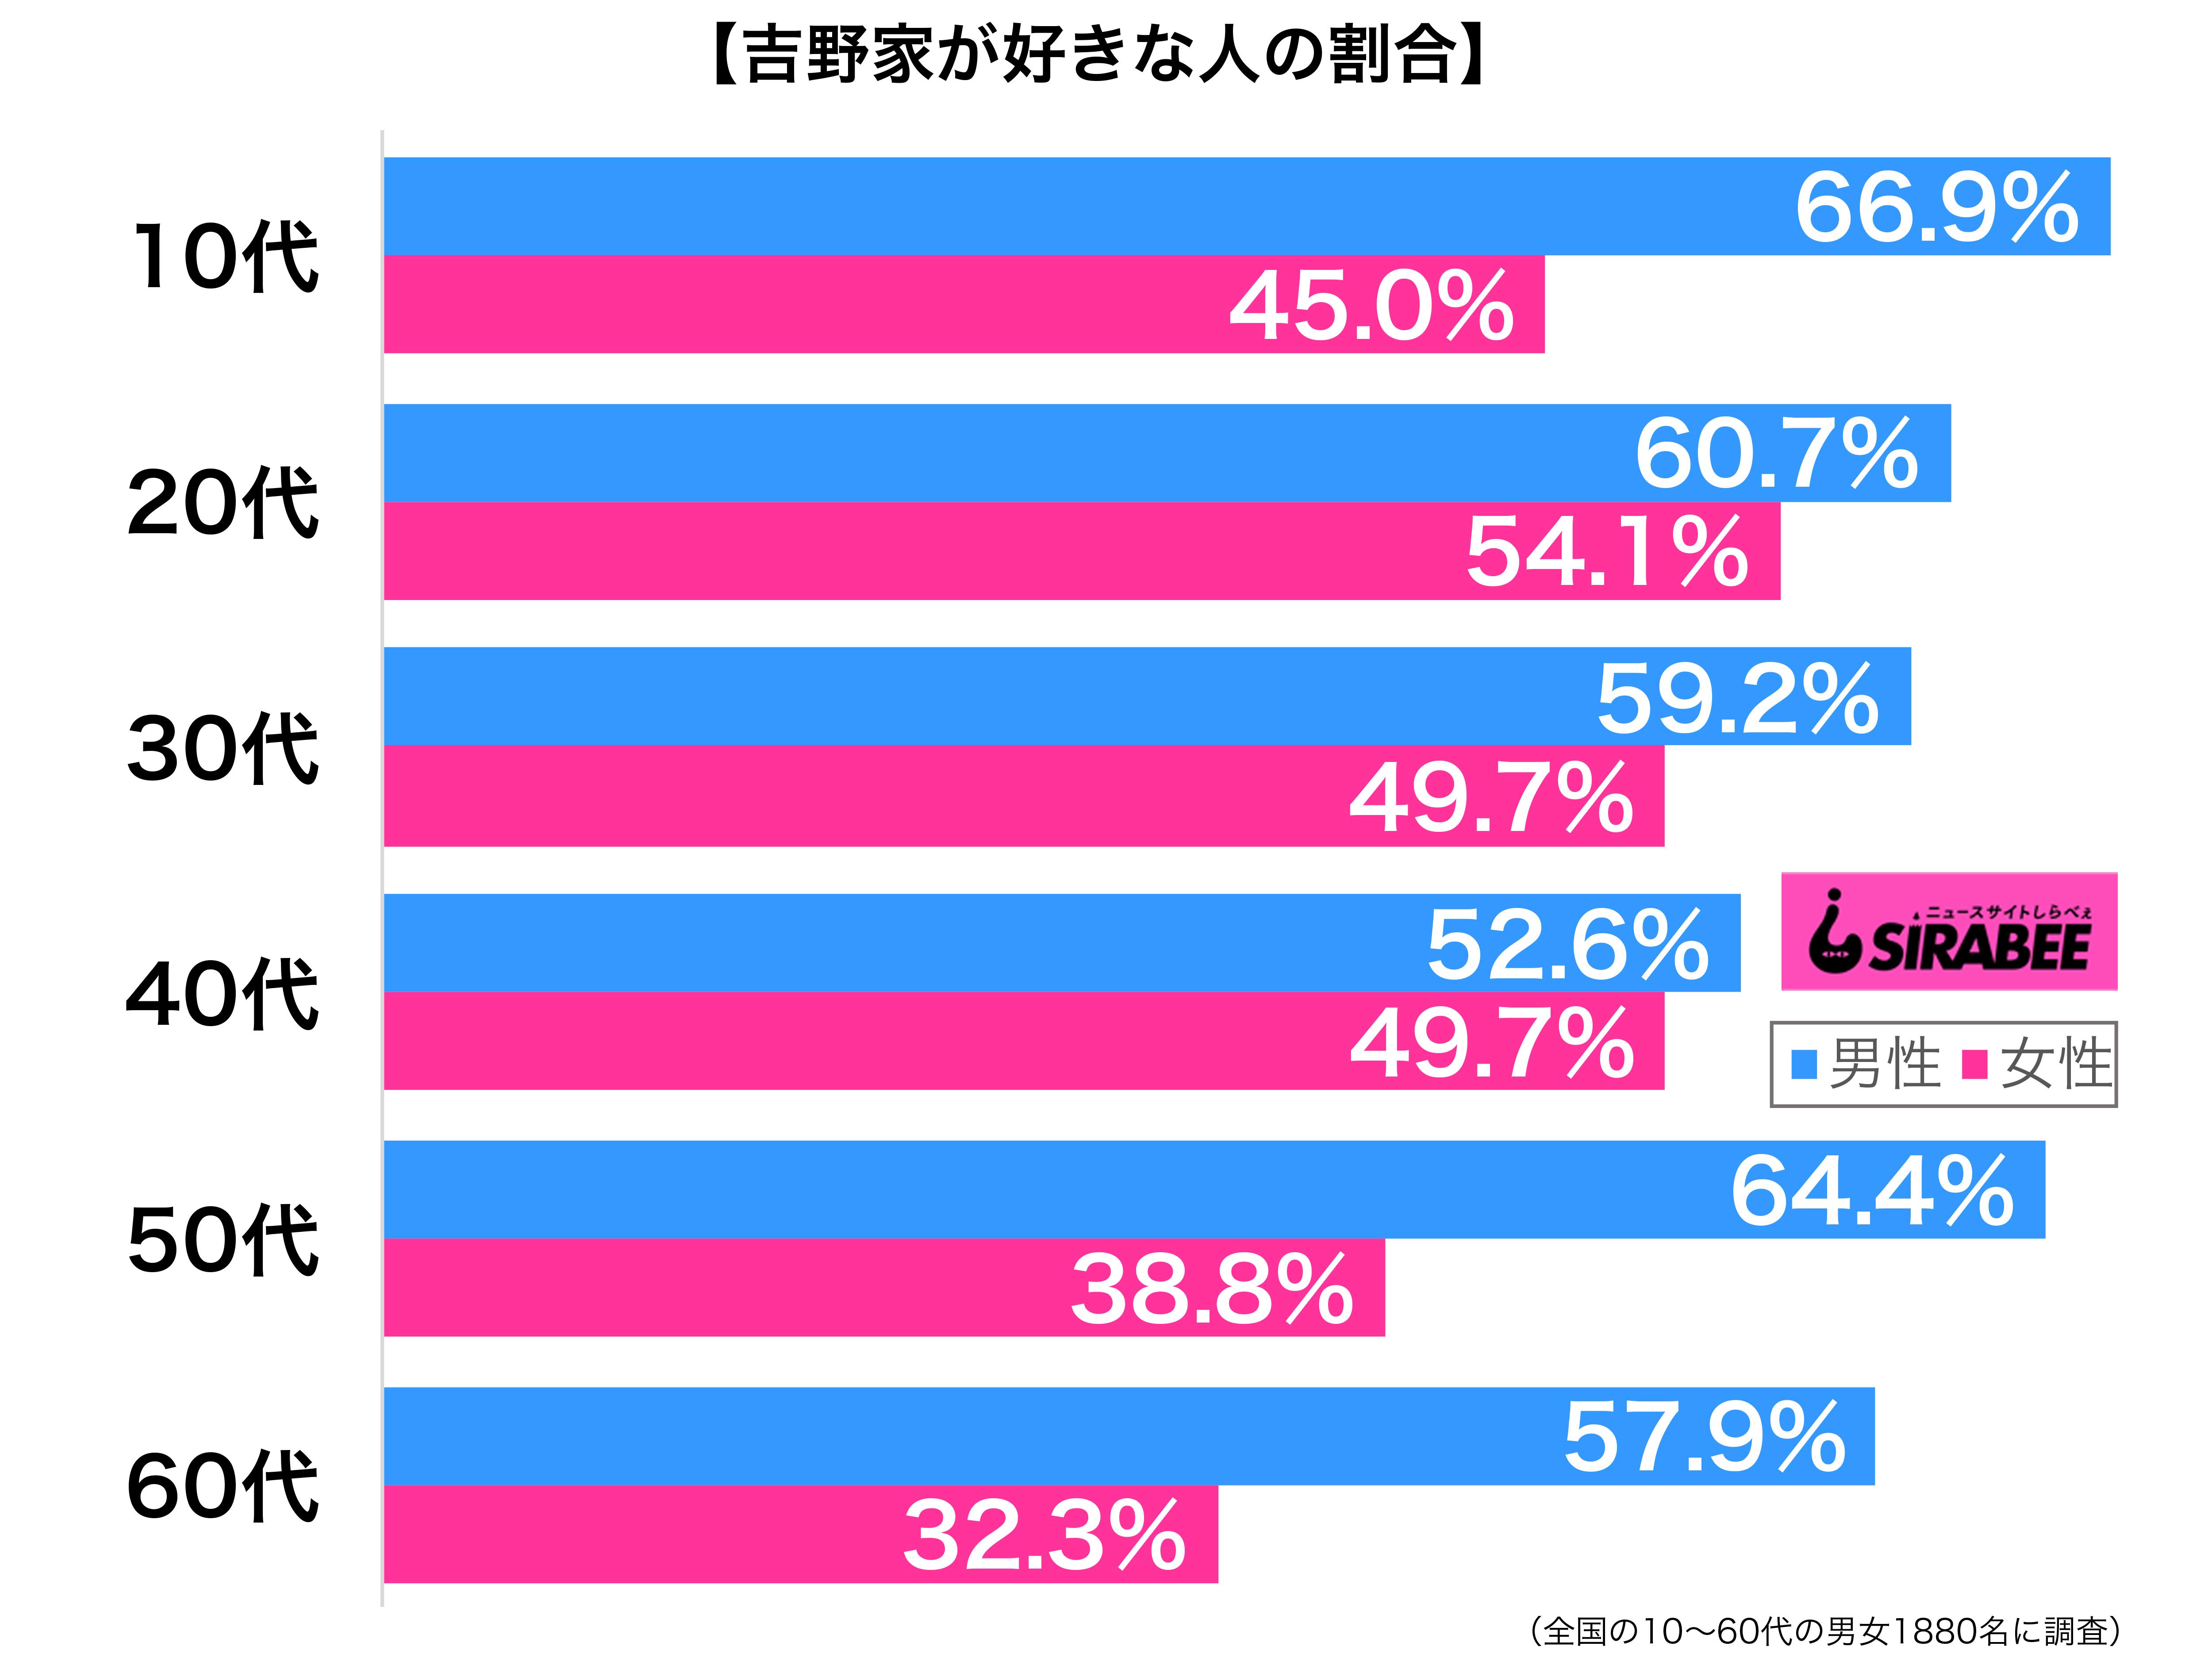 吉野家が好き性年代別グラフ